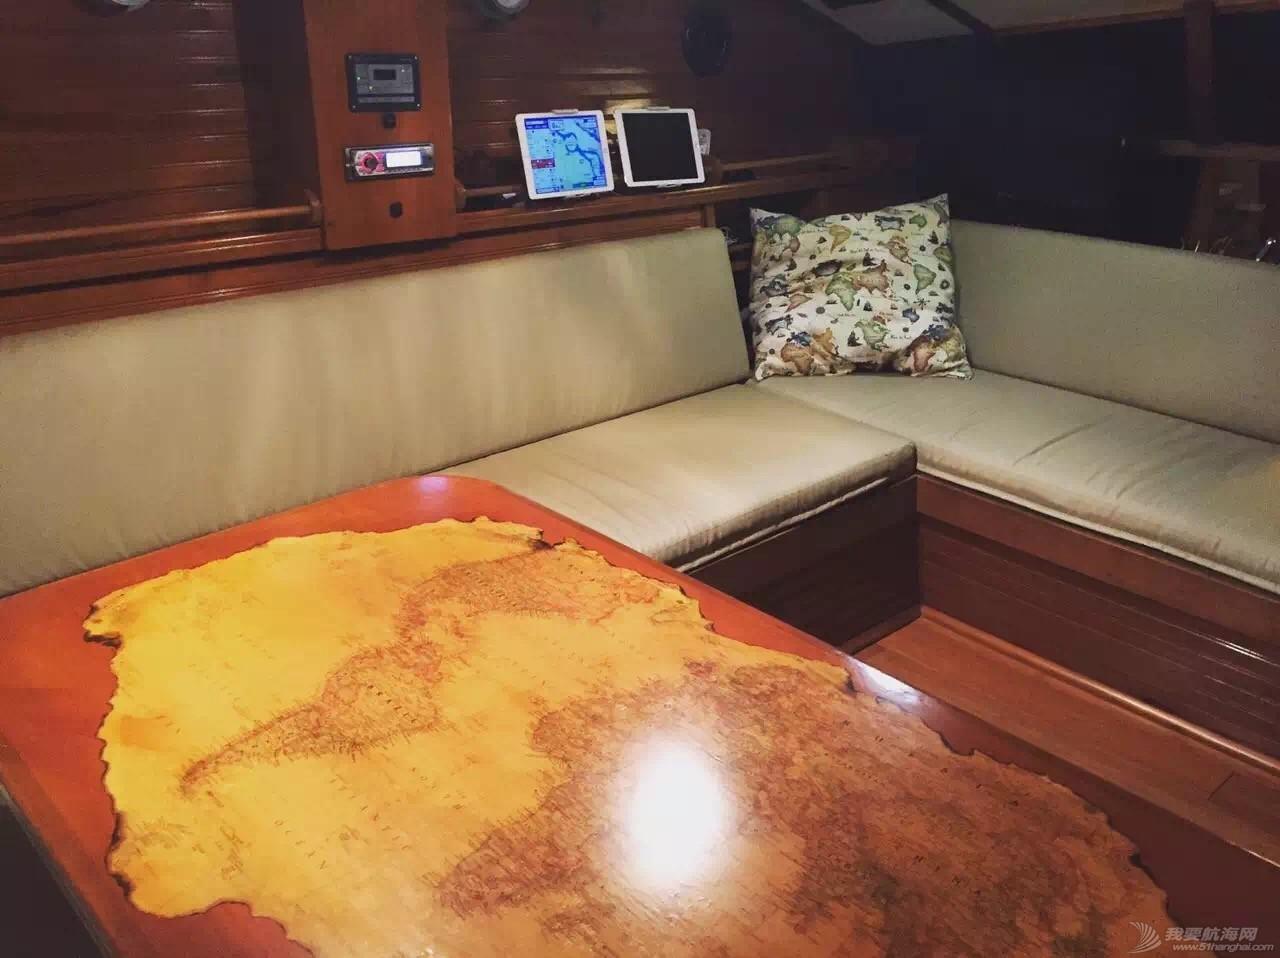 Ocean,Rover号船长,起航甘米银,帆船环球 Ocean Rover号船长的金点子,不看保你后悔! ebbf2522cea9970020410af17687c8a0.jpg